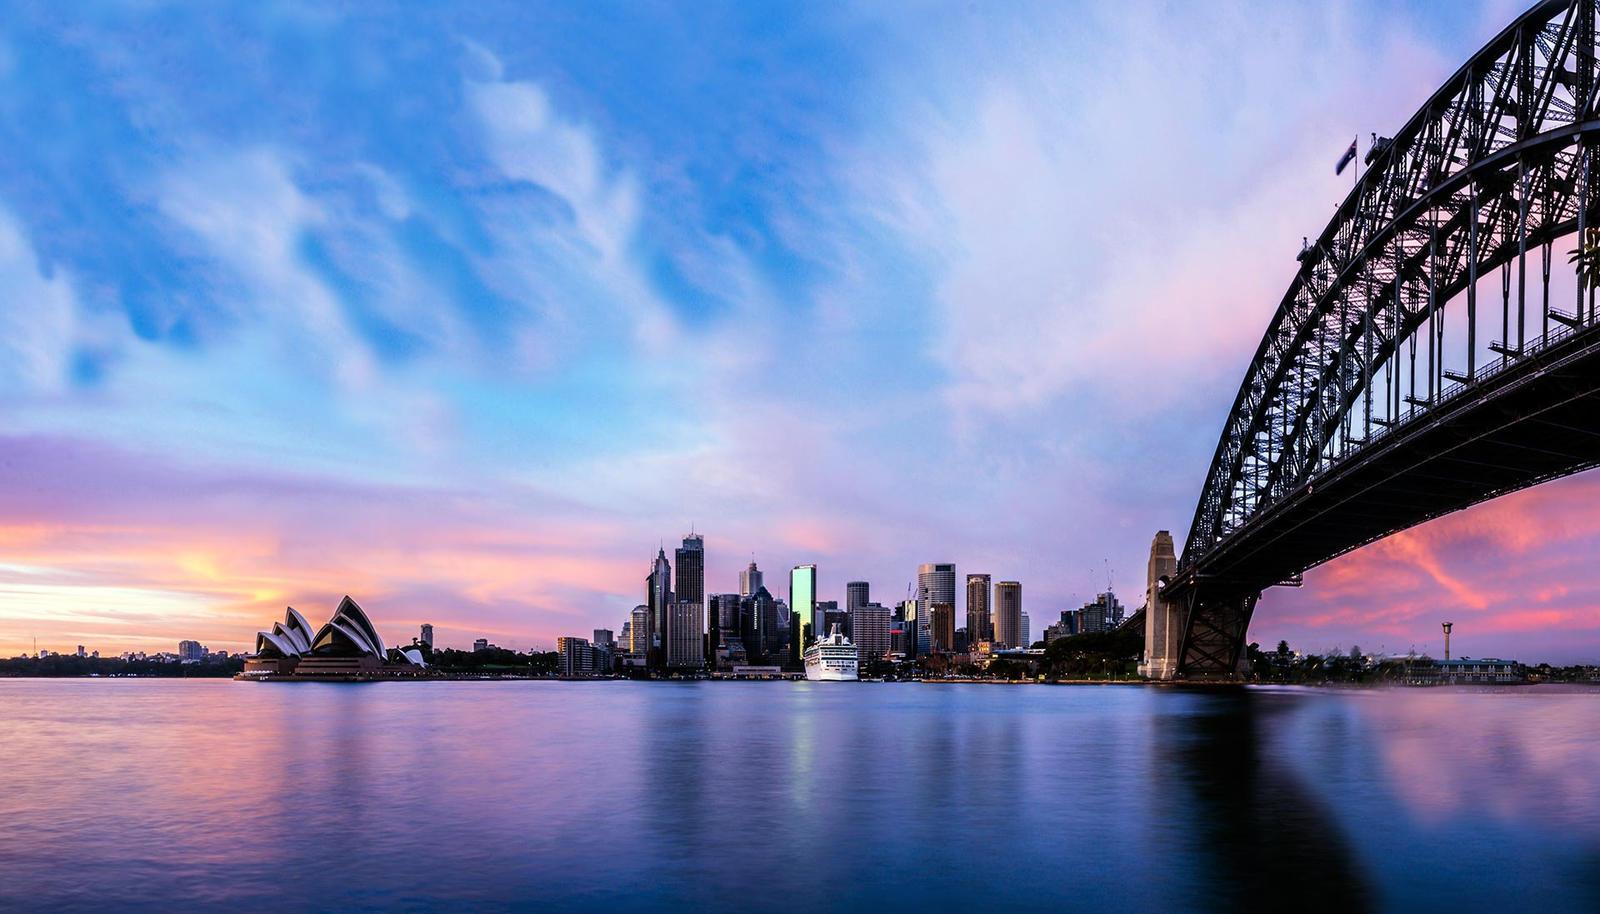 Sydney Harbour Morning by TarJakArt